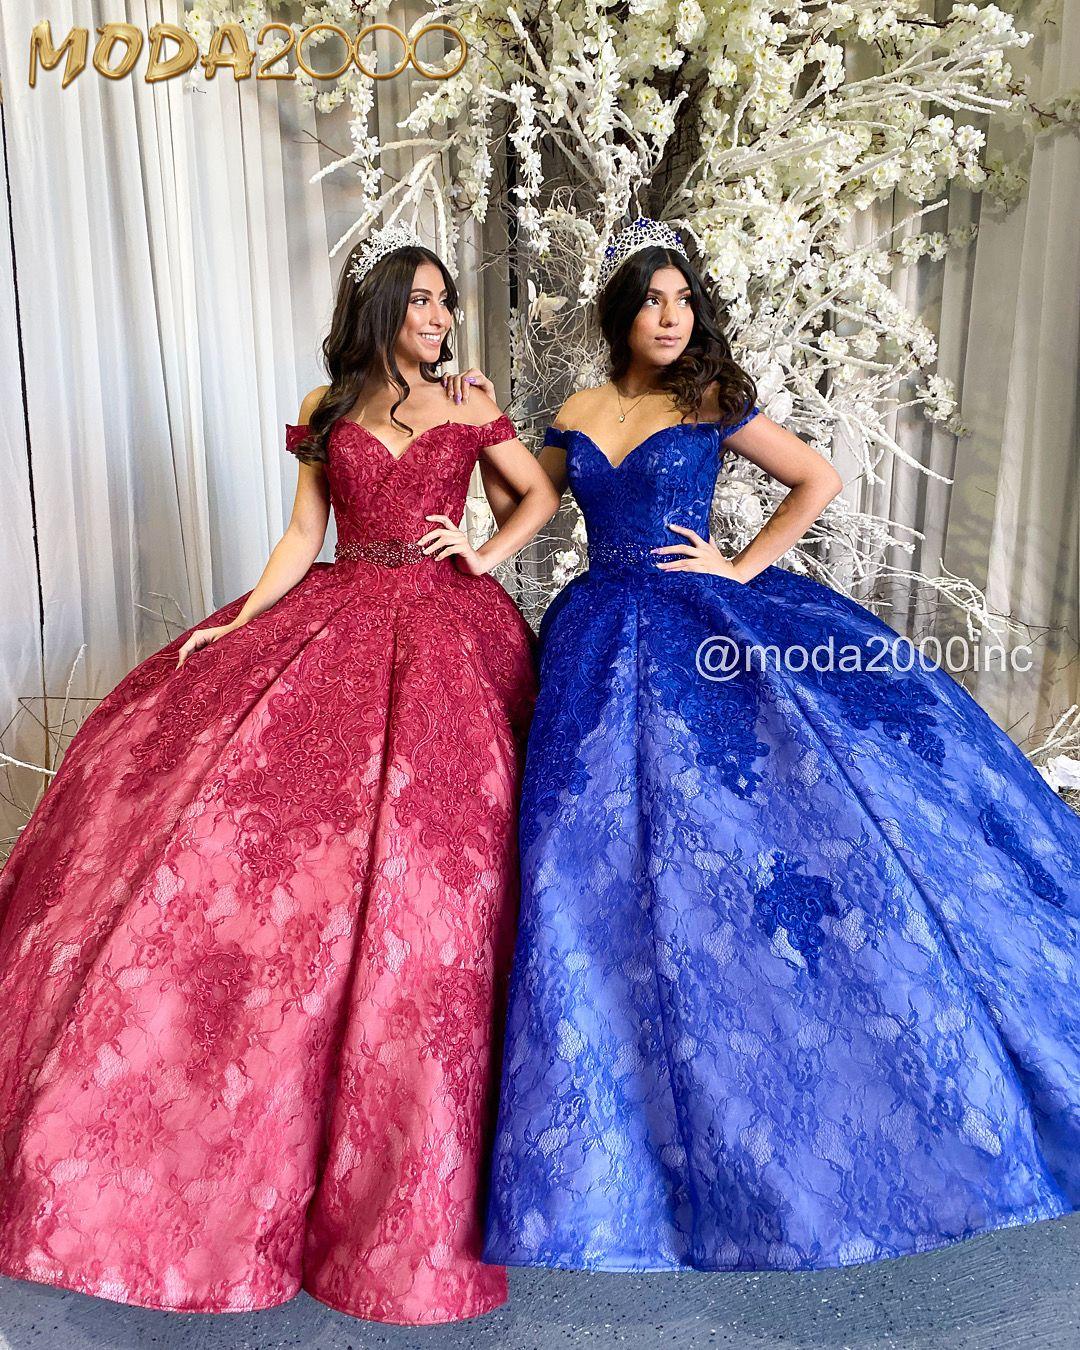 Burgundy Royal Blue Off The Shoulder Quinceanera Dresses Quinceanera Dresses Blue Quince Dresses Quinceanera Dresses [ 1350 x 1080 Pixel ]